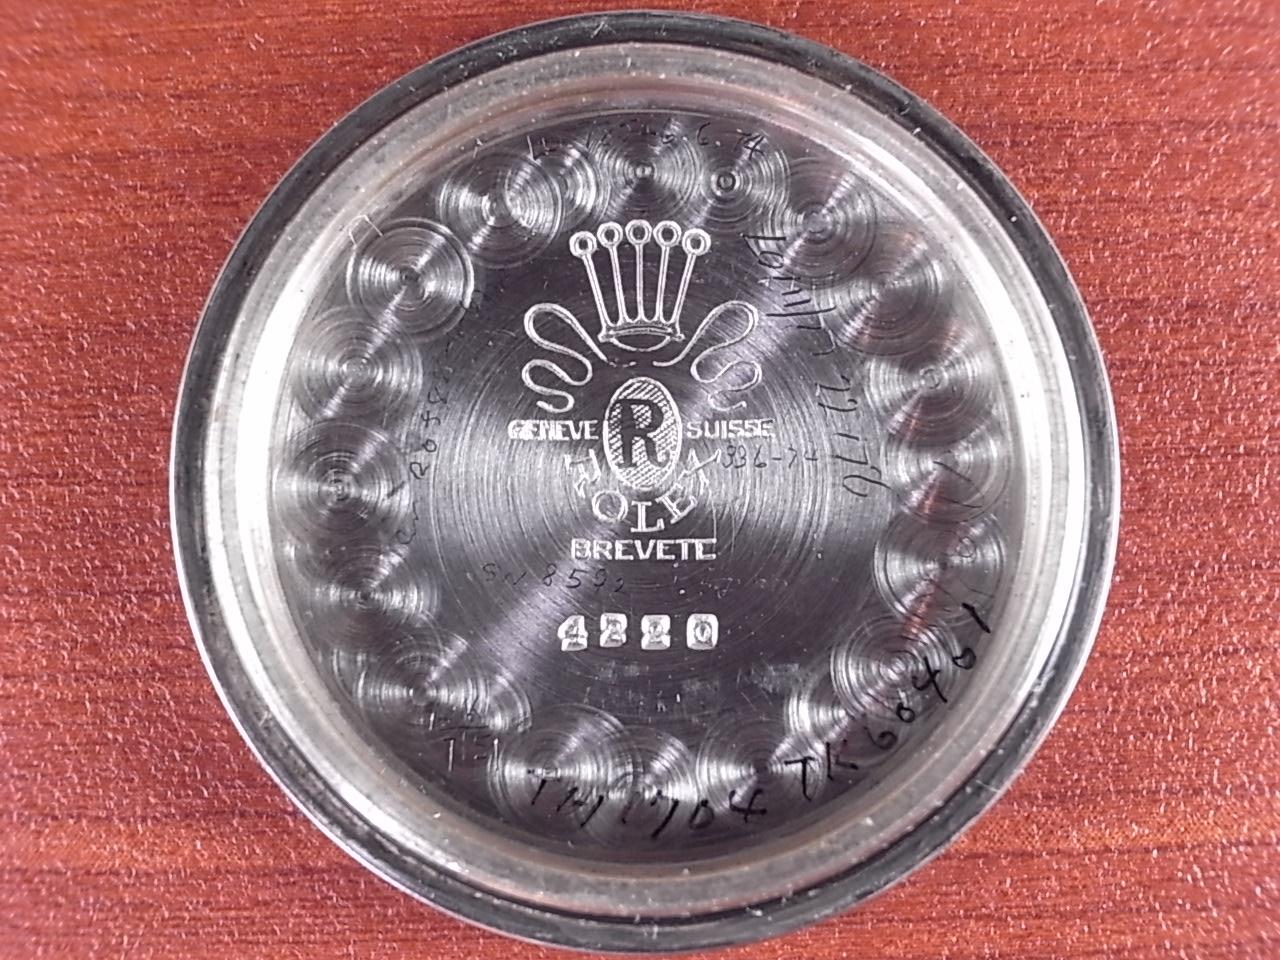 ロレックス スピードキング ローマンインデックス Ref.4220 1940年代の写真6枚目